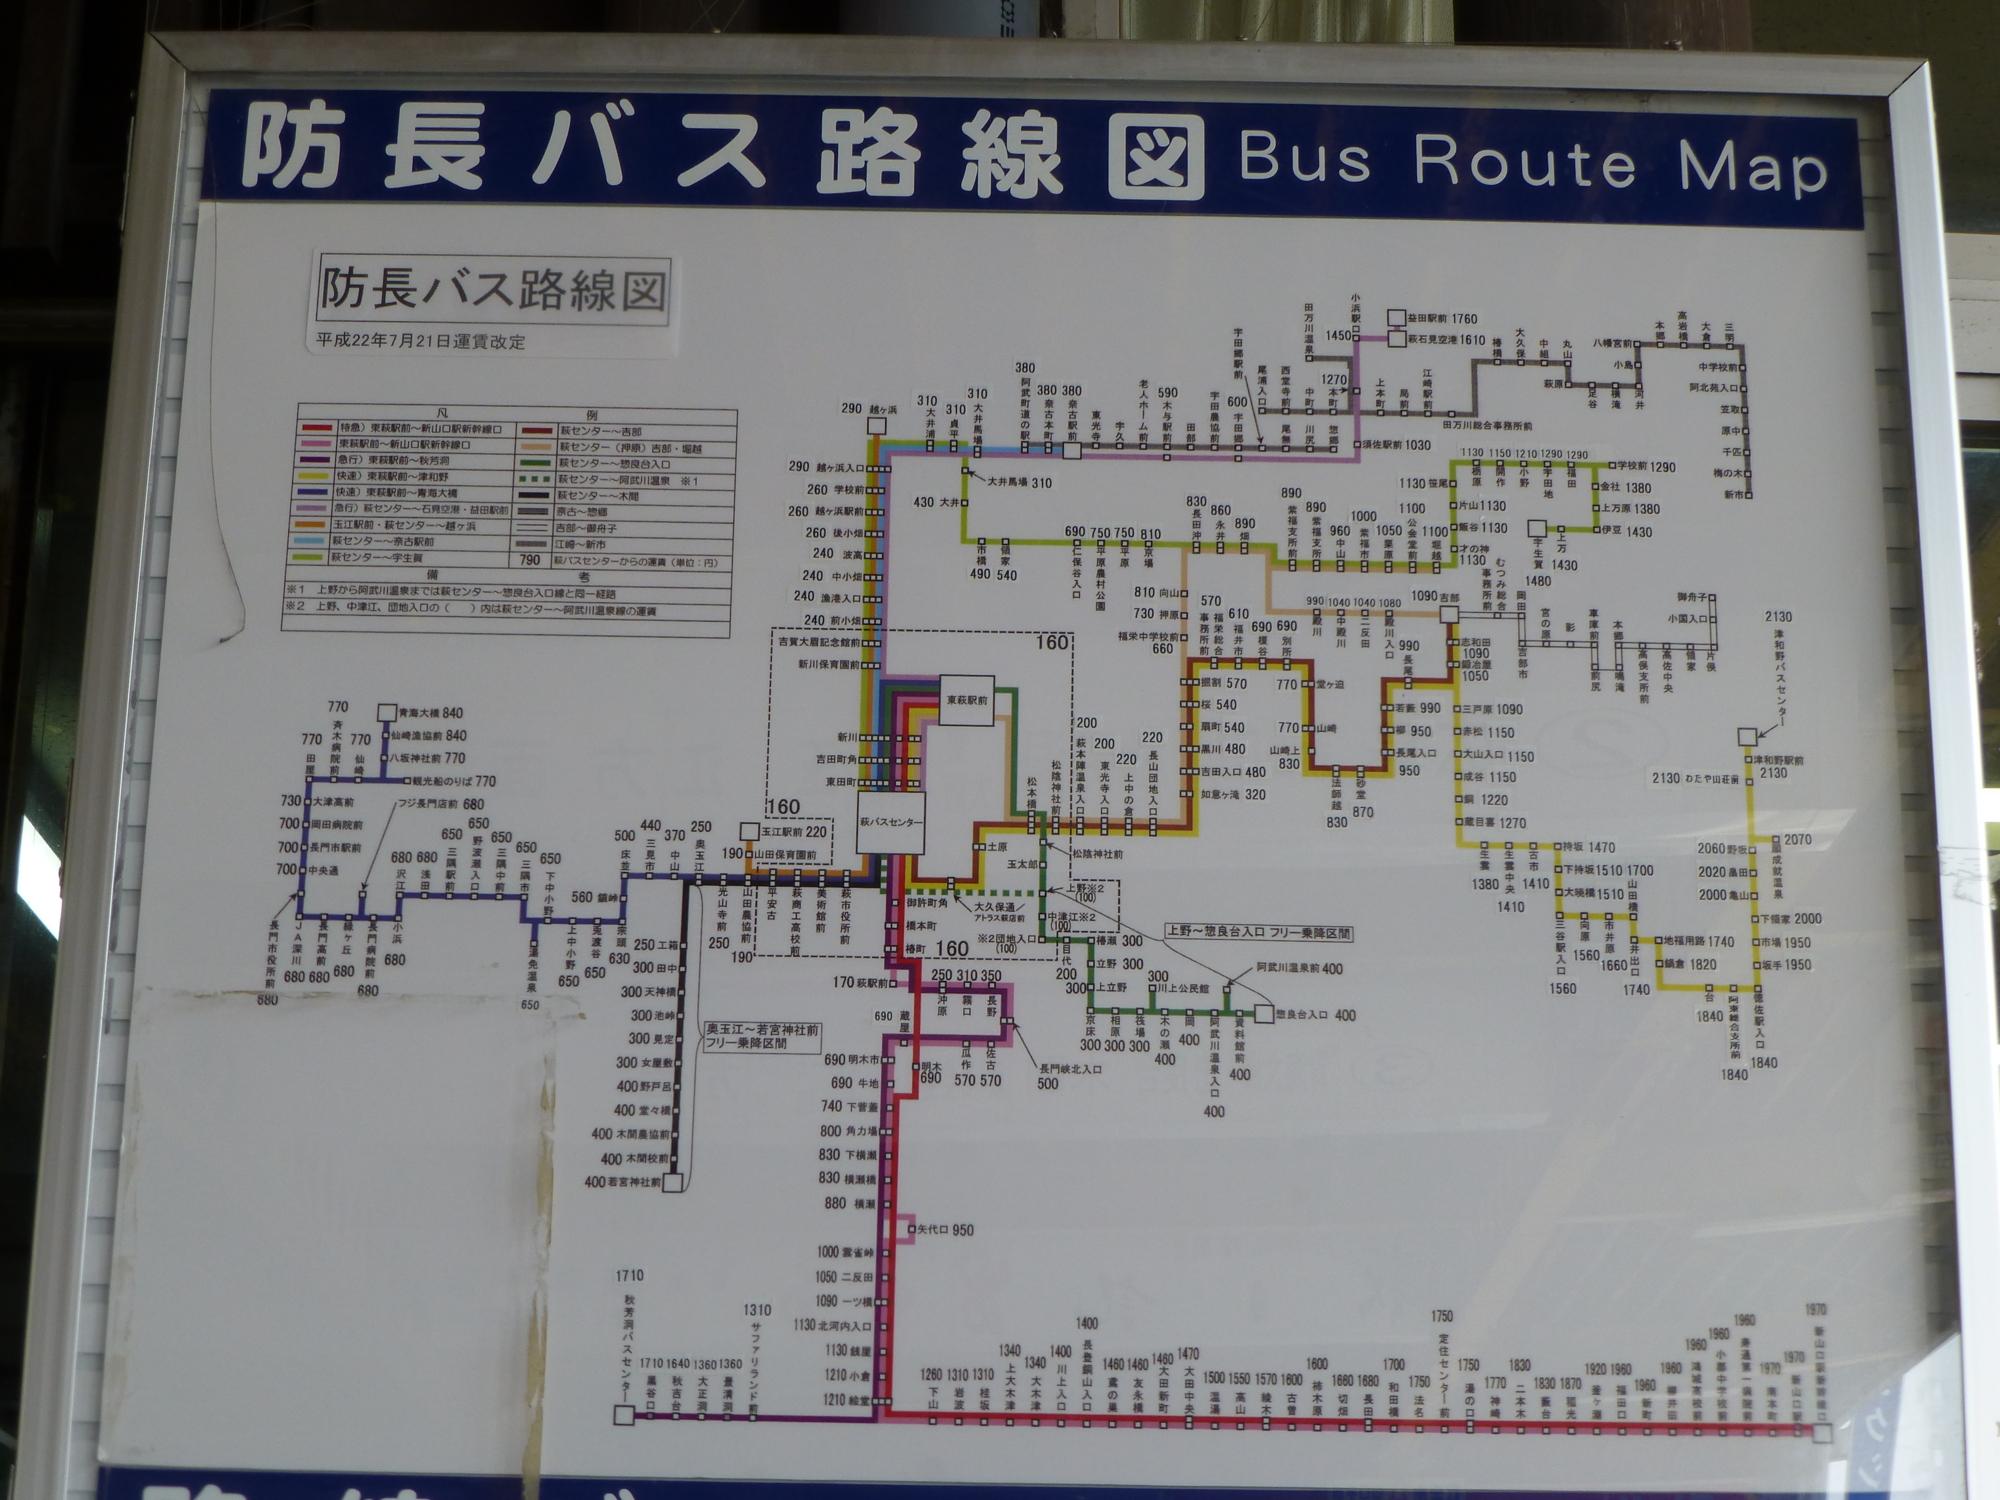 益田駅(島根県益田市) 駅・路線図から地図を検 …